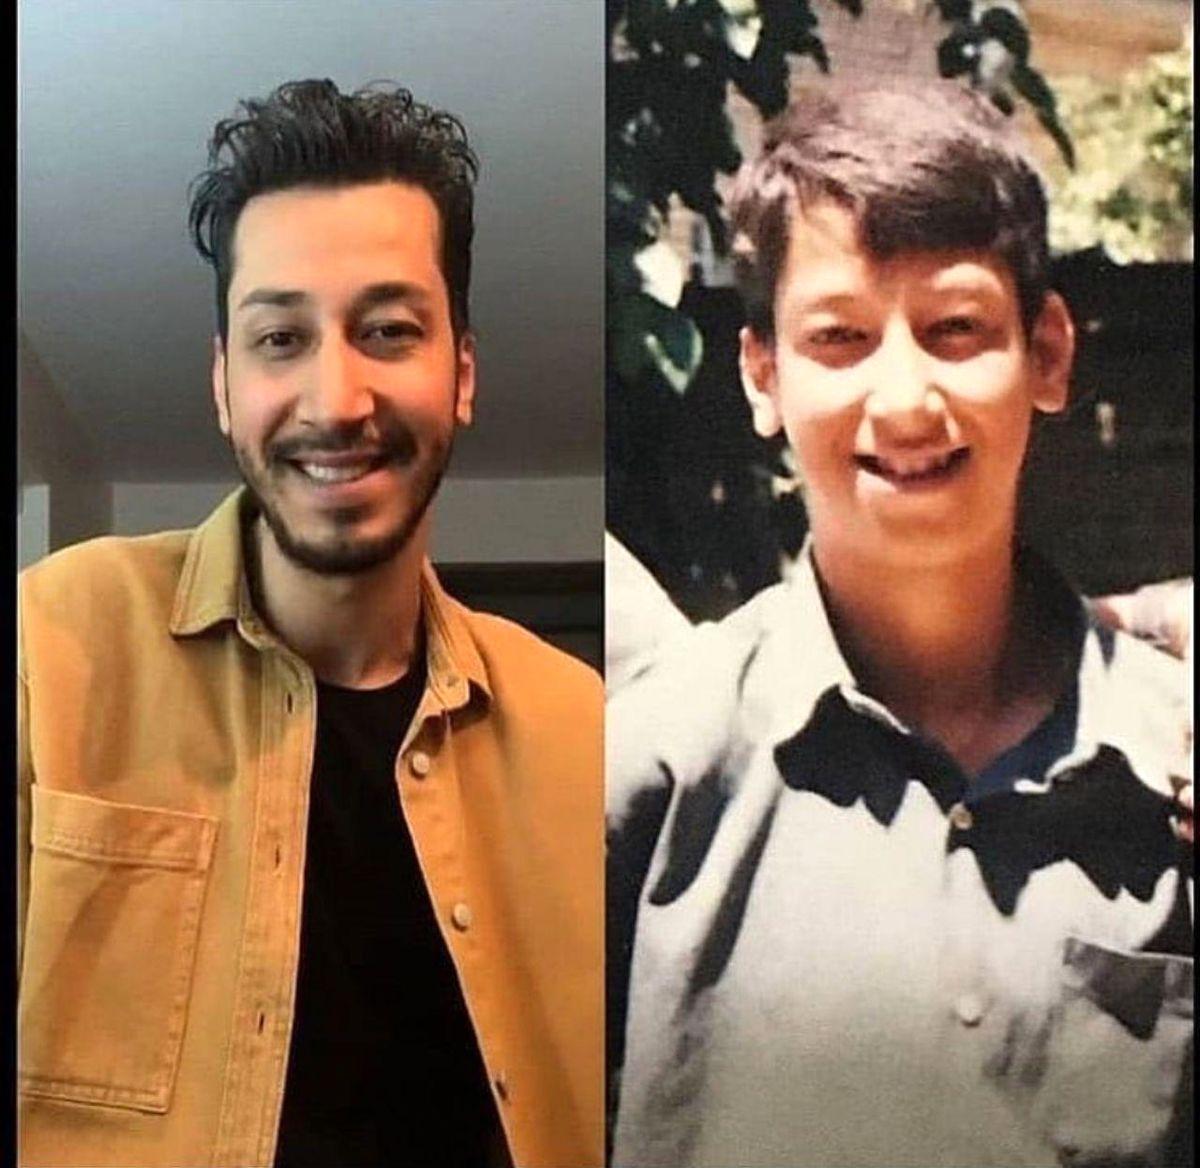 حذف بازیگر معروف پایتخت از جشنواره فیلم فجر غوغا به پا کرد + عکس